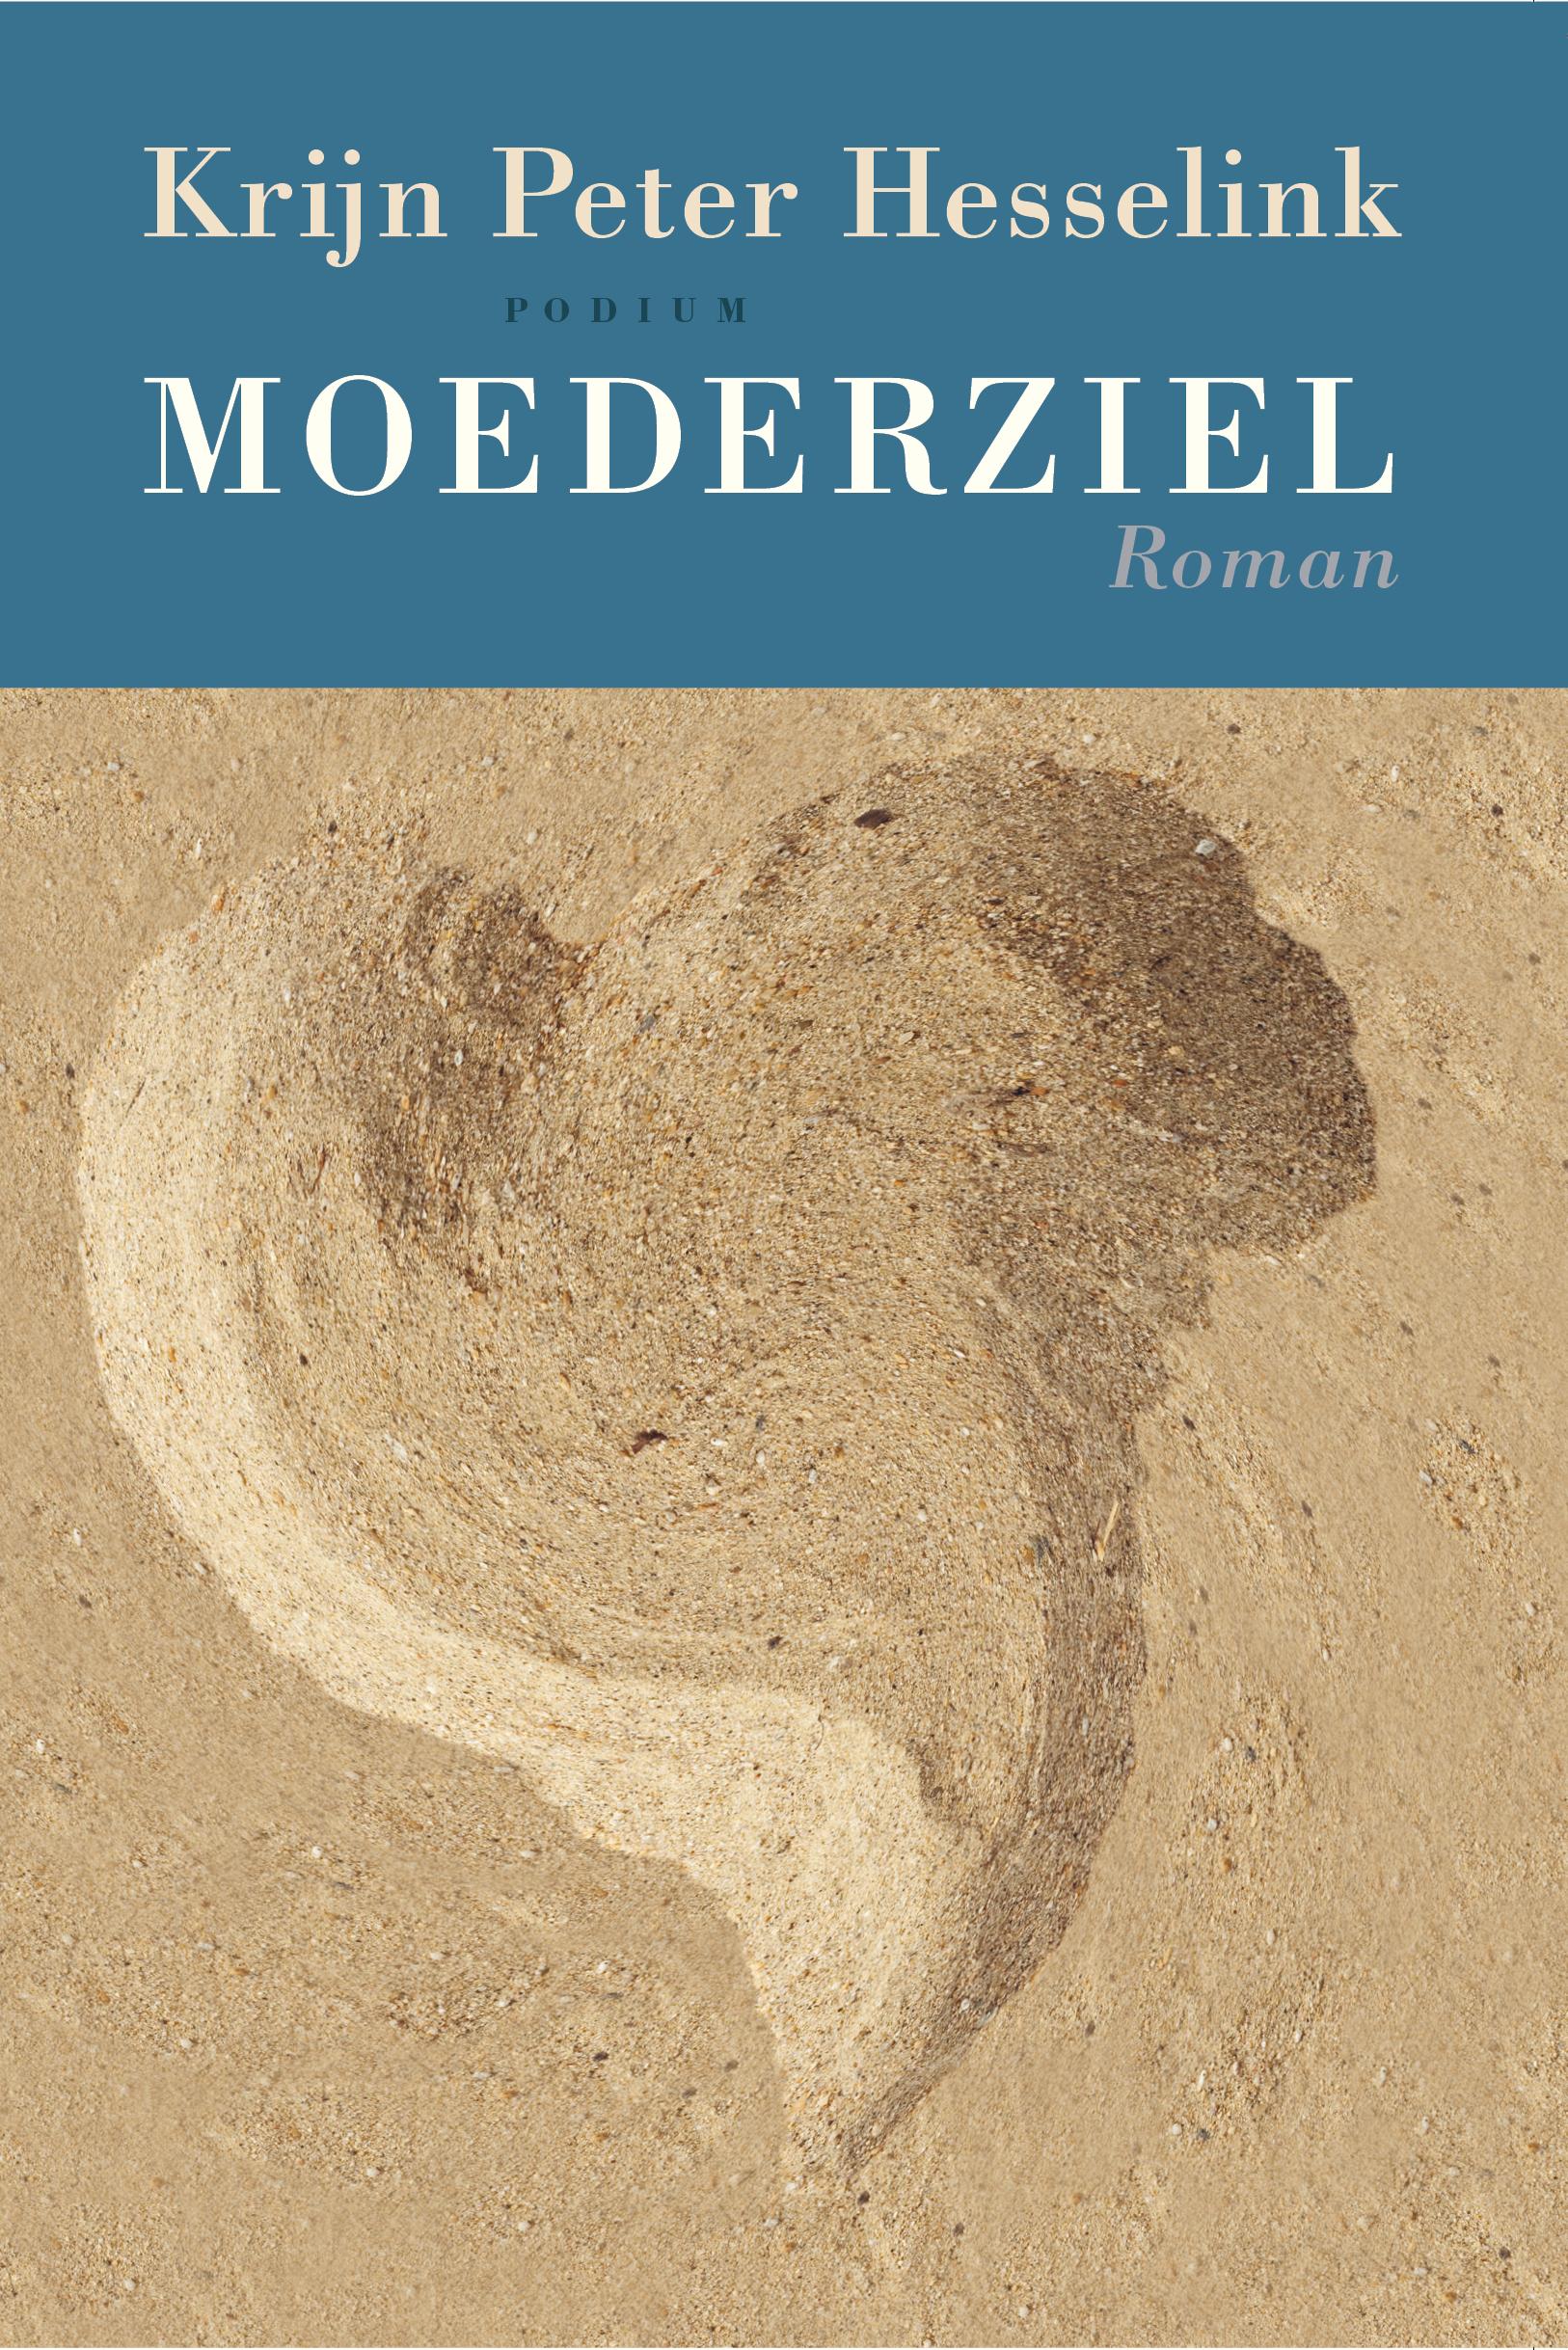 Moederziel – Krijn Peter Hesselink